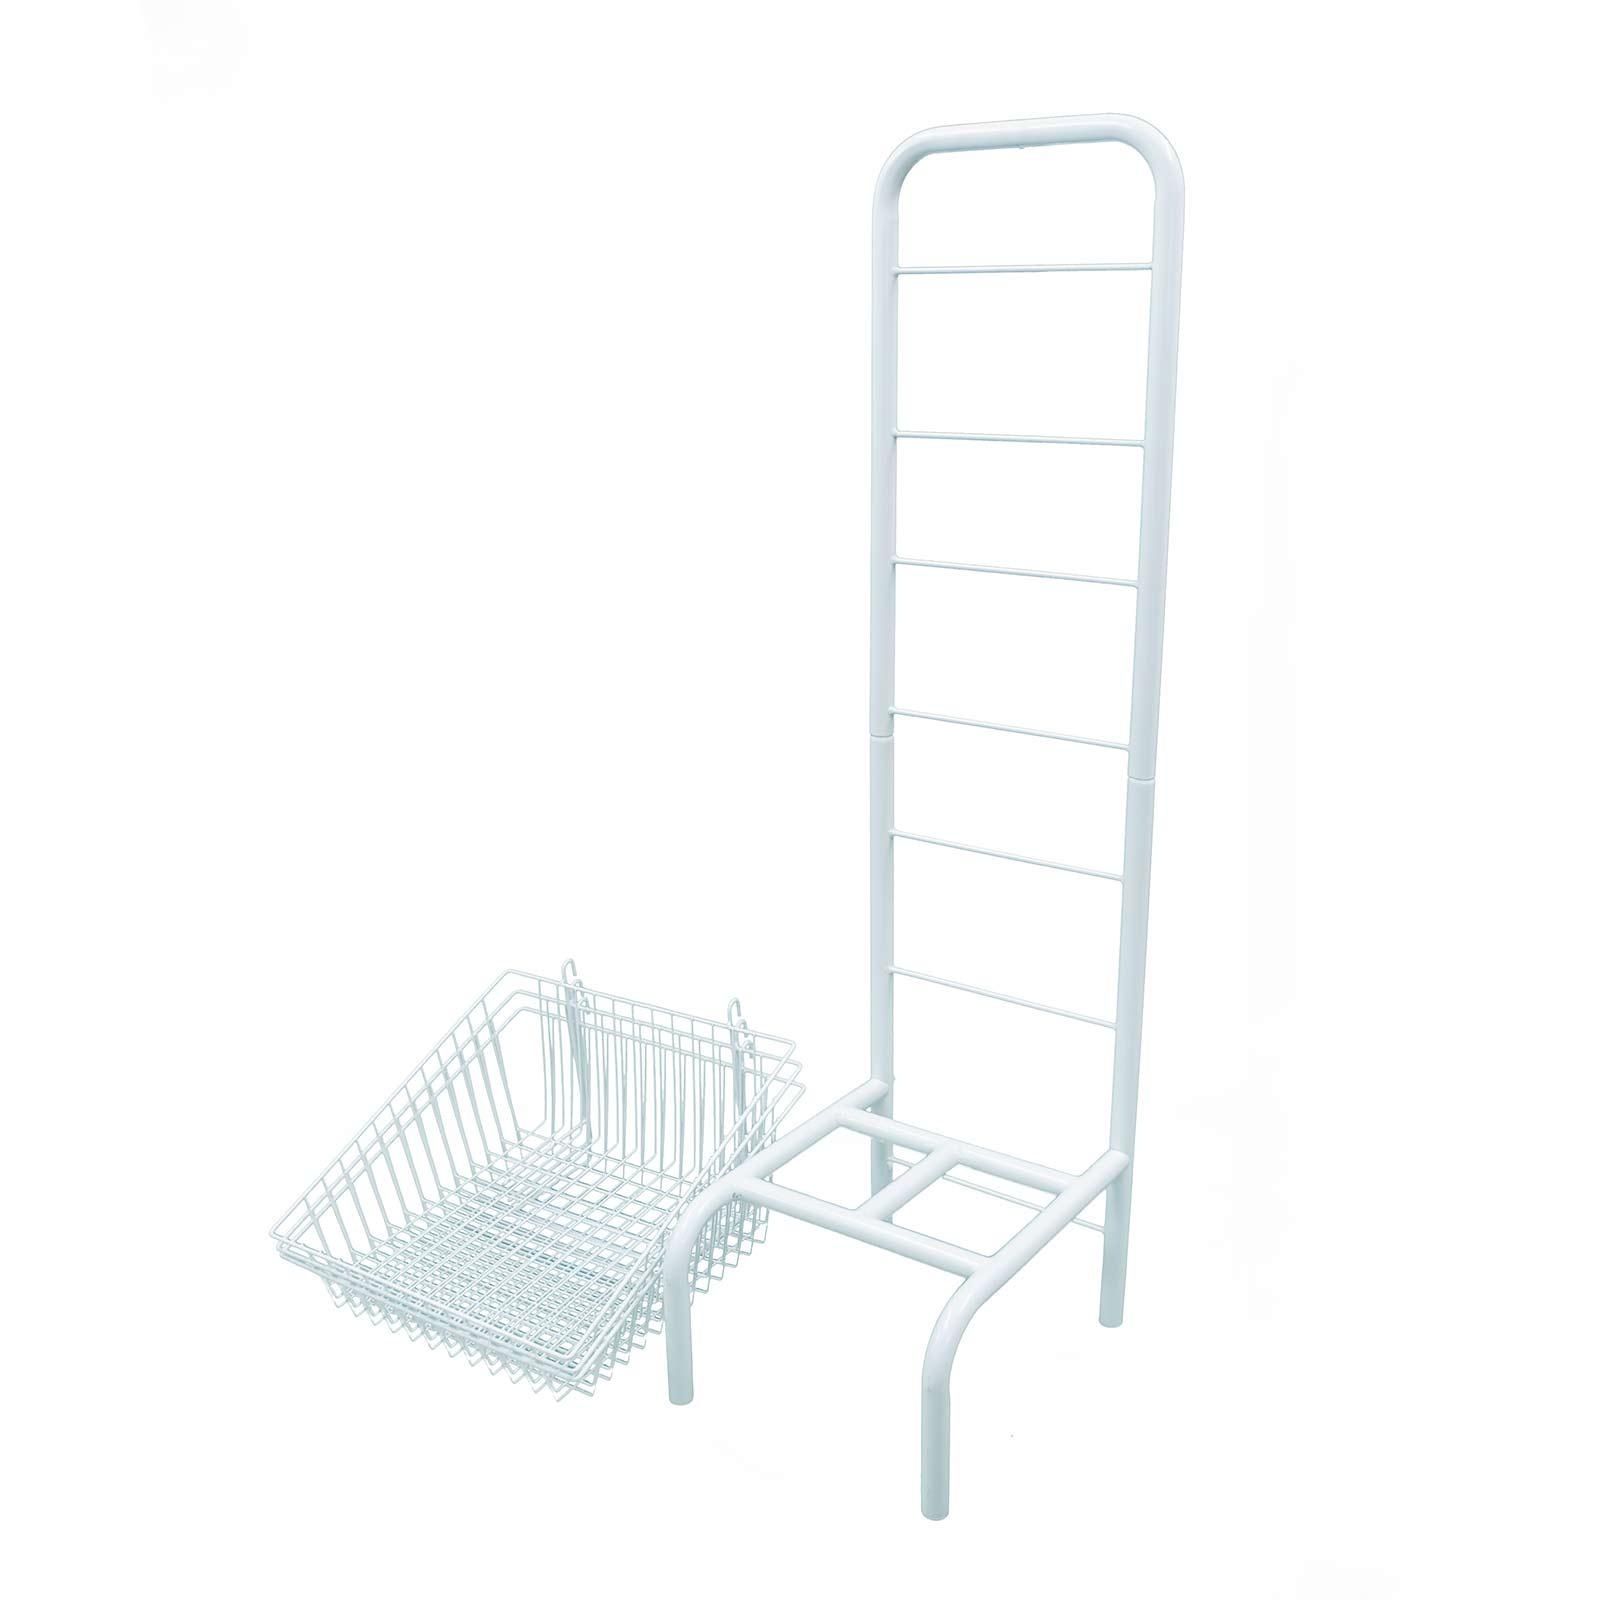 Basket Stands Amp Floor Display